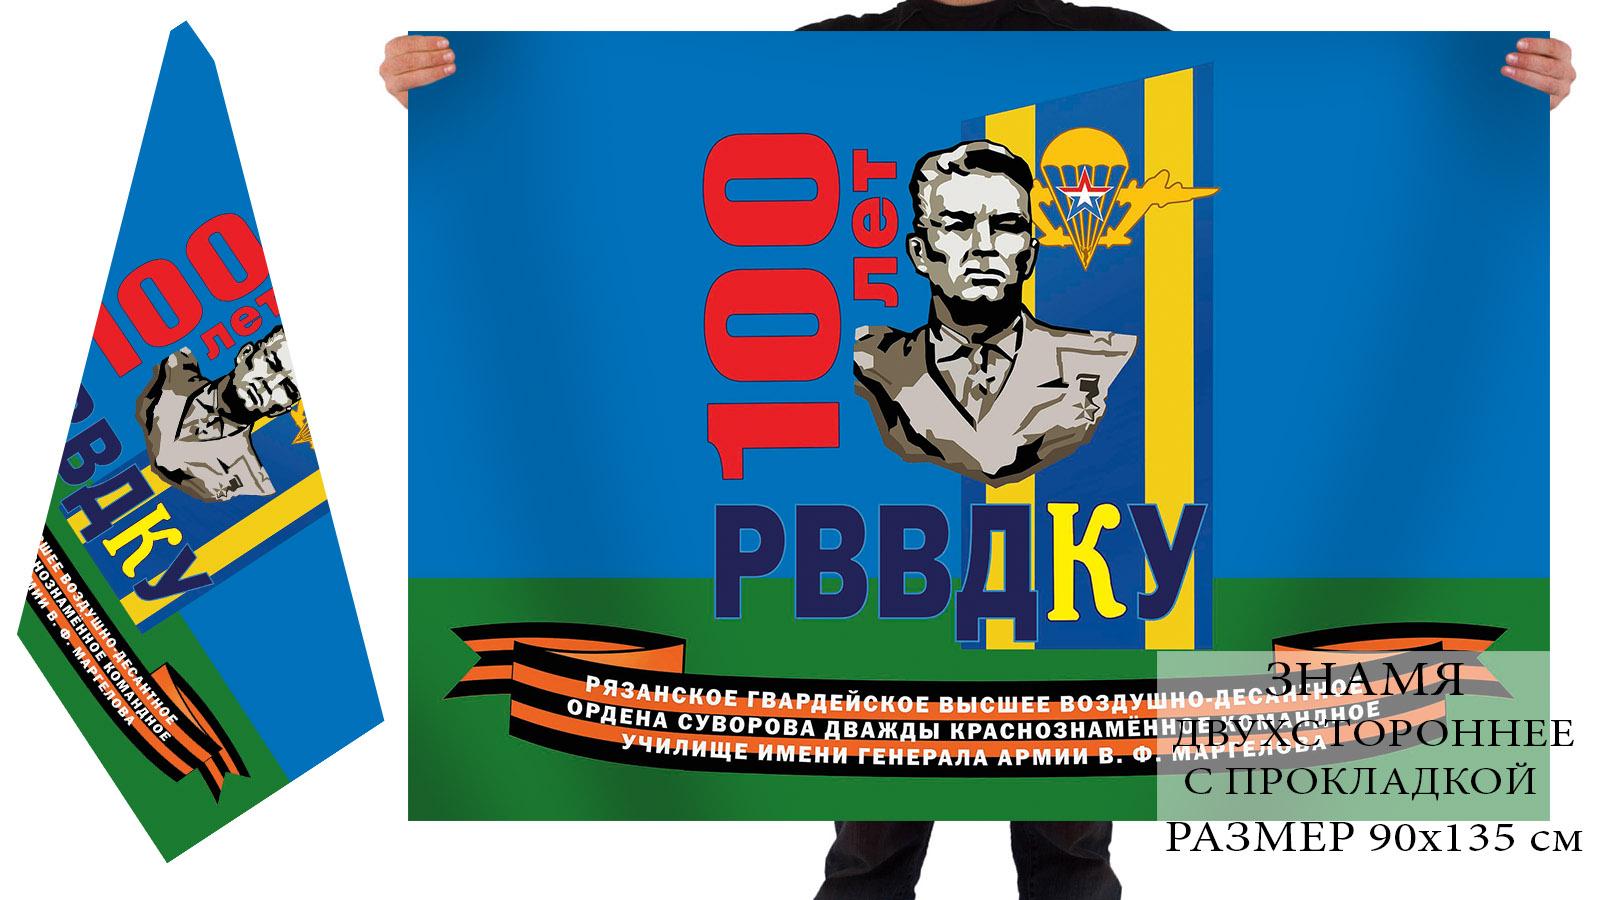 Купить к юбилею РВВДКУ знамя по цене производителя